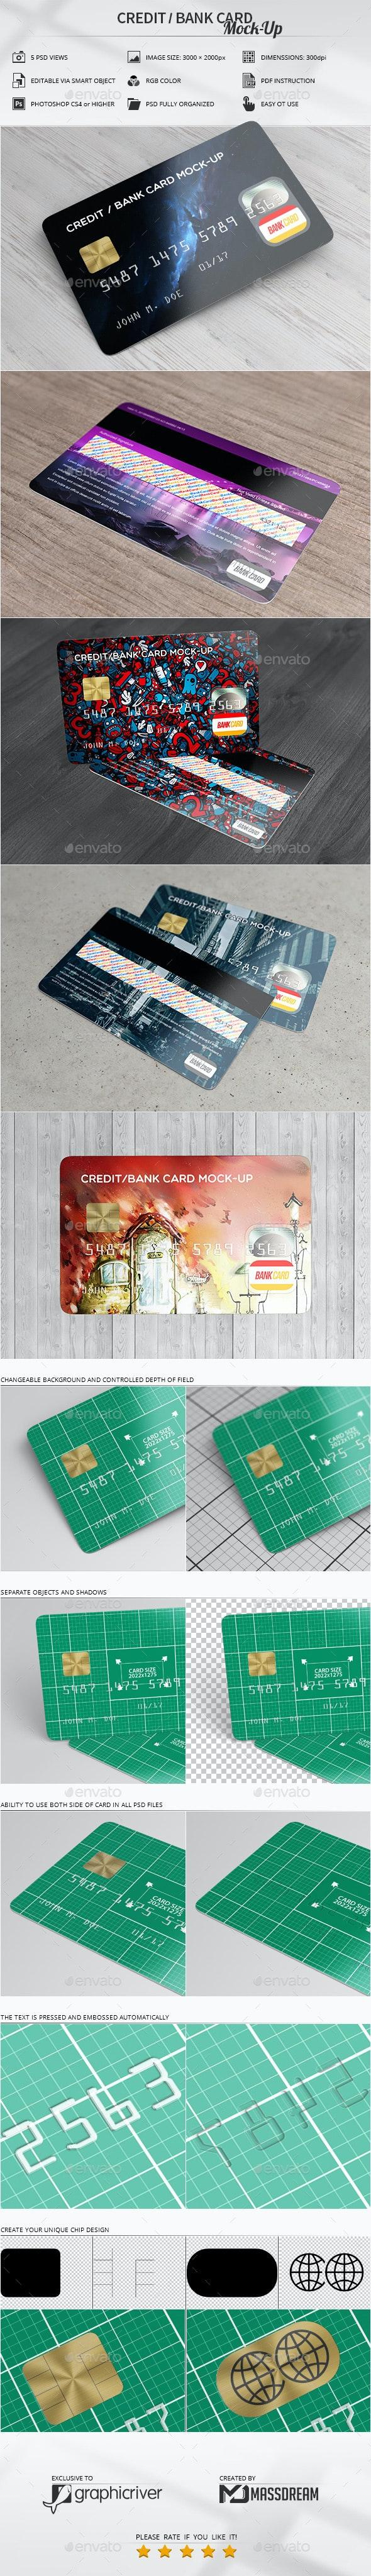 Credit / Bank Card Mock-Up - Print Product Mock-Ups